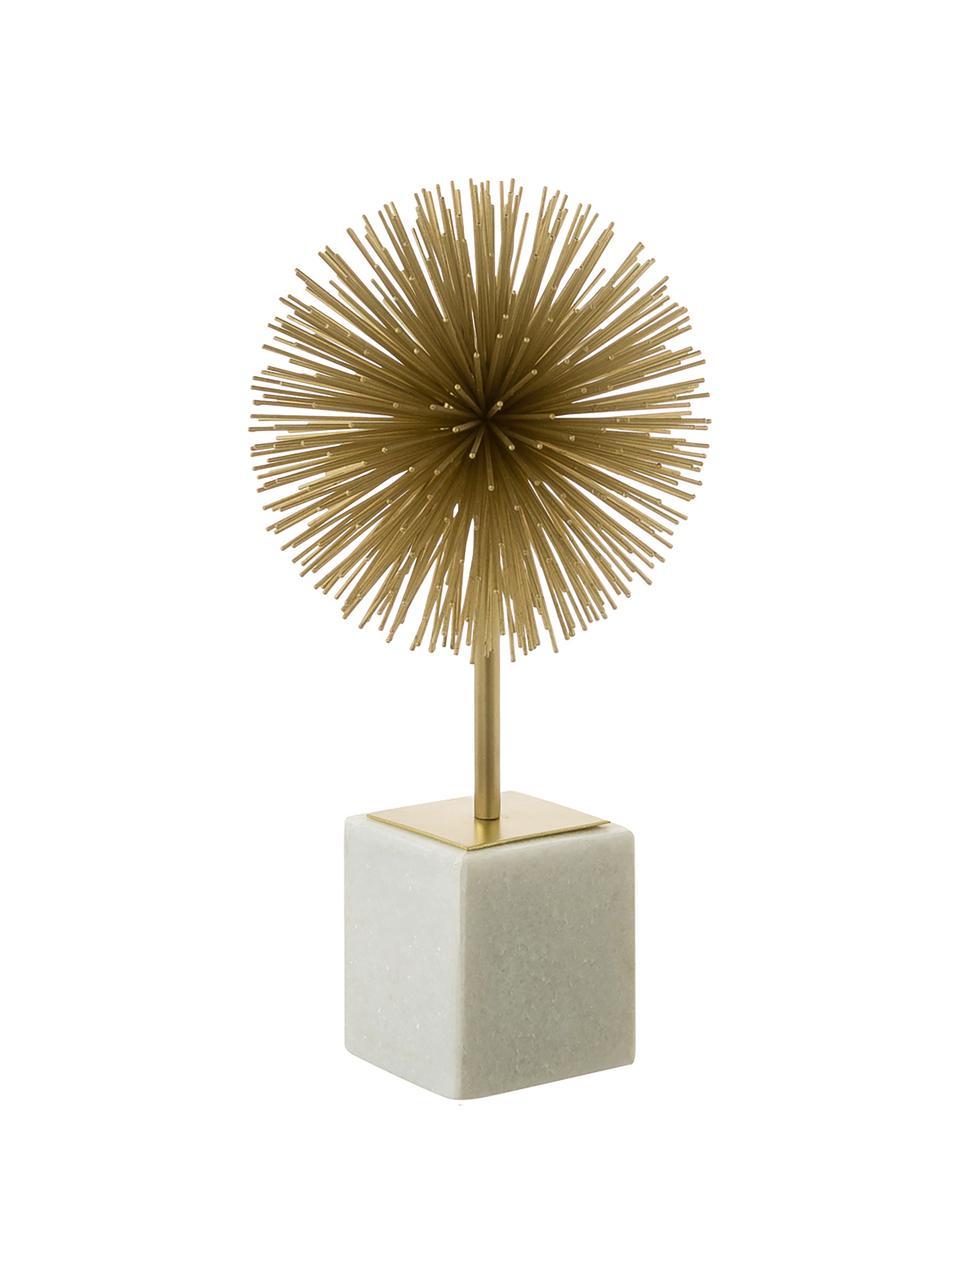 Decoratief object Marball, Object: metaal, Voet: marmer, Onderzijde: vilt, Goudkleurig, wit, H 30 cm